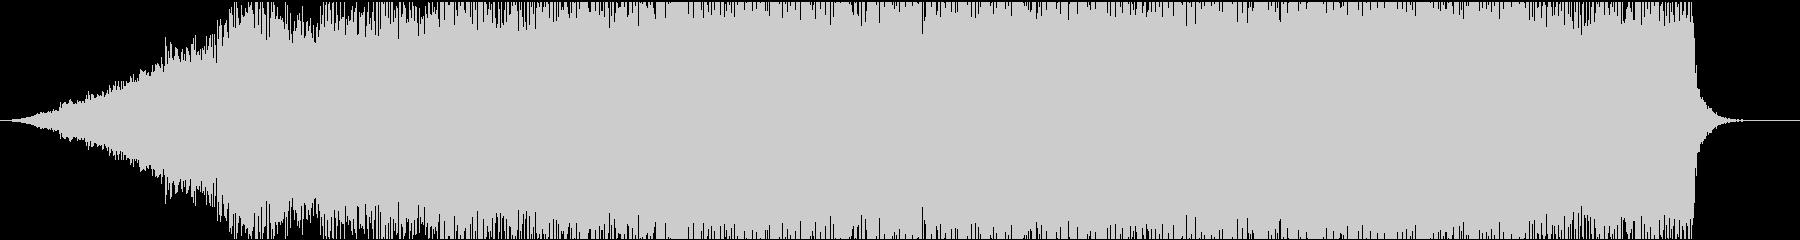 ピアノとギターのフレーズが切ないサウンドの未再生の波形